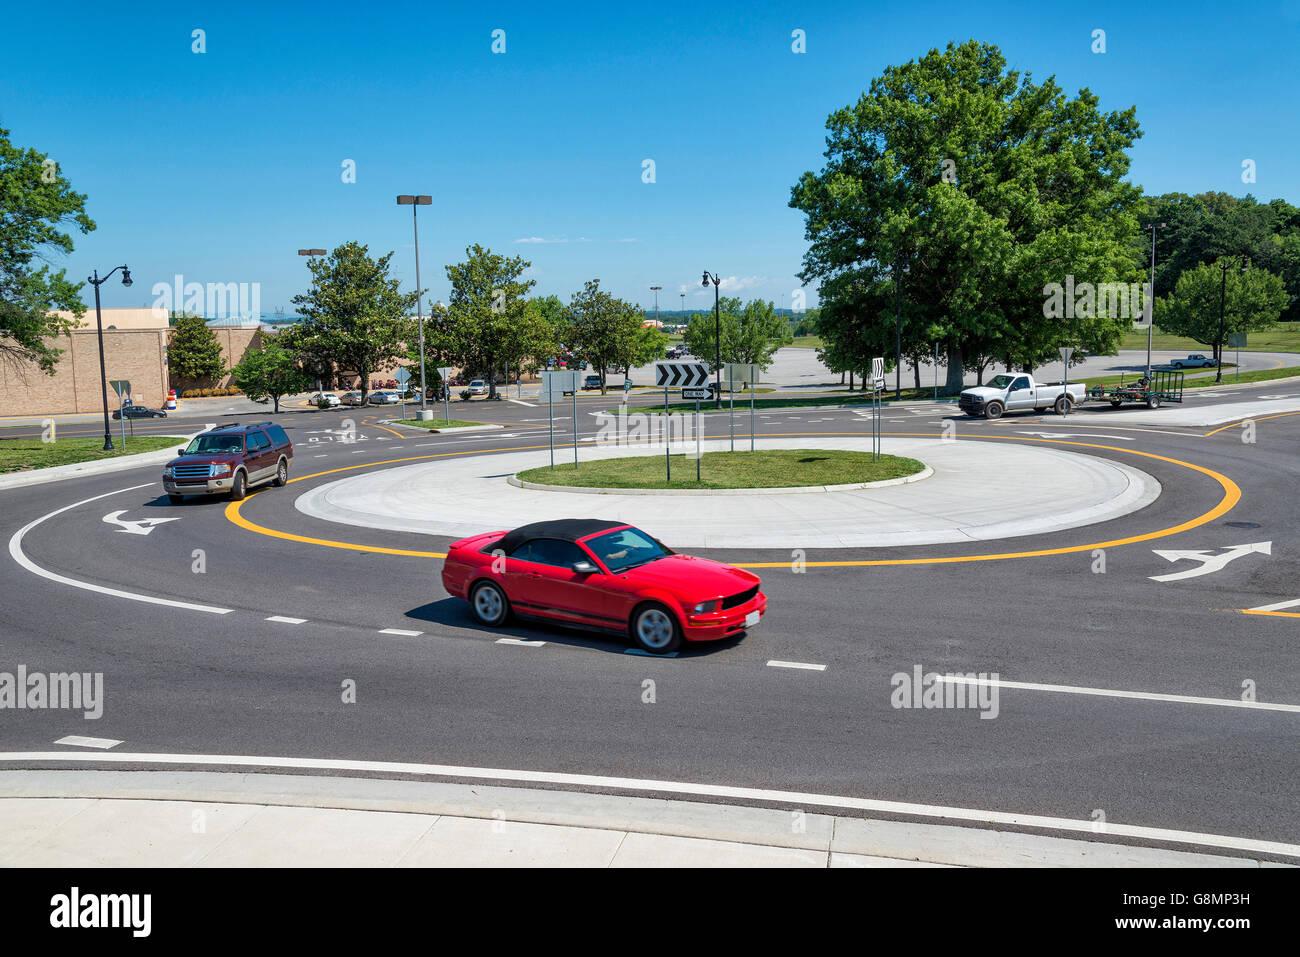 Rotonda con vehículos pasando a su alrededor. Disparo horizontal Imagen De Stock